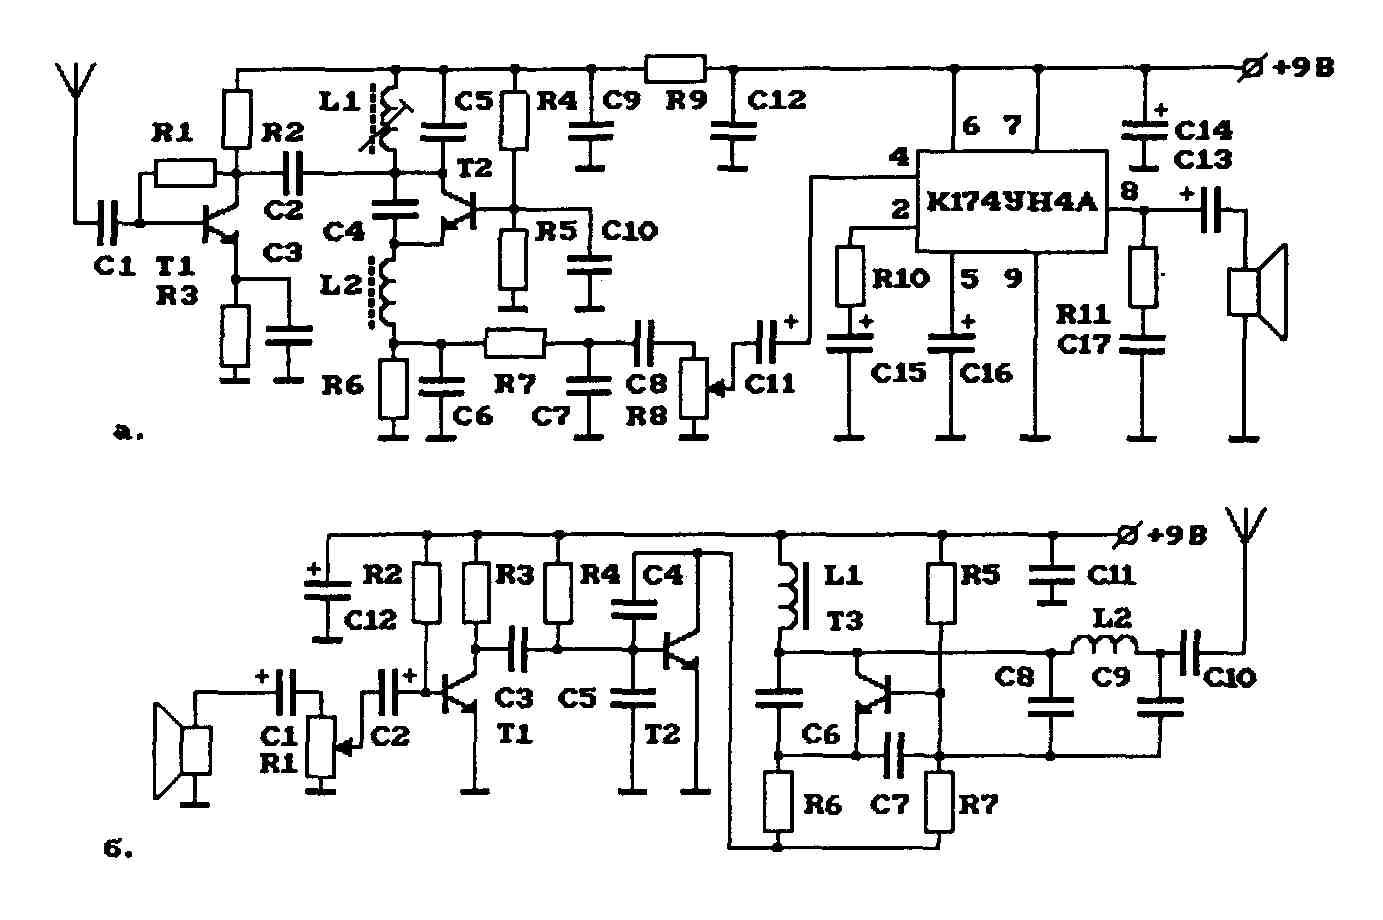 Элементы для схемы АМ-передатчика на рис.6.3. На рис.6.3 представлен пример АМ-радиостанции на 27 МГц...